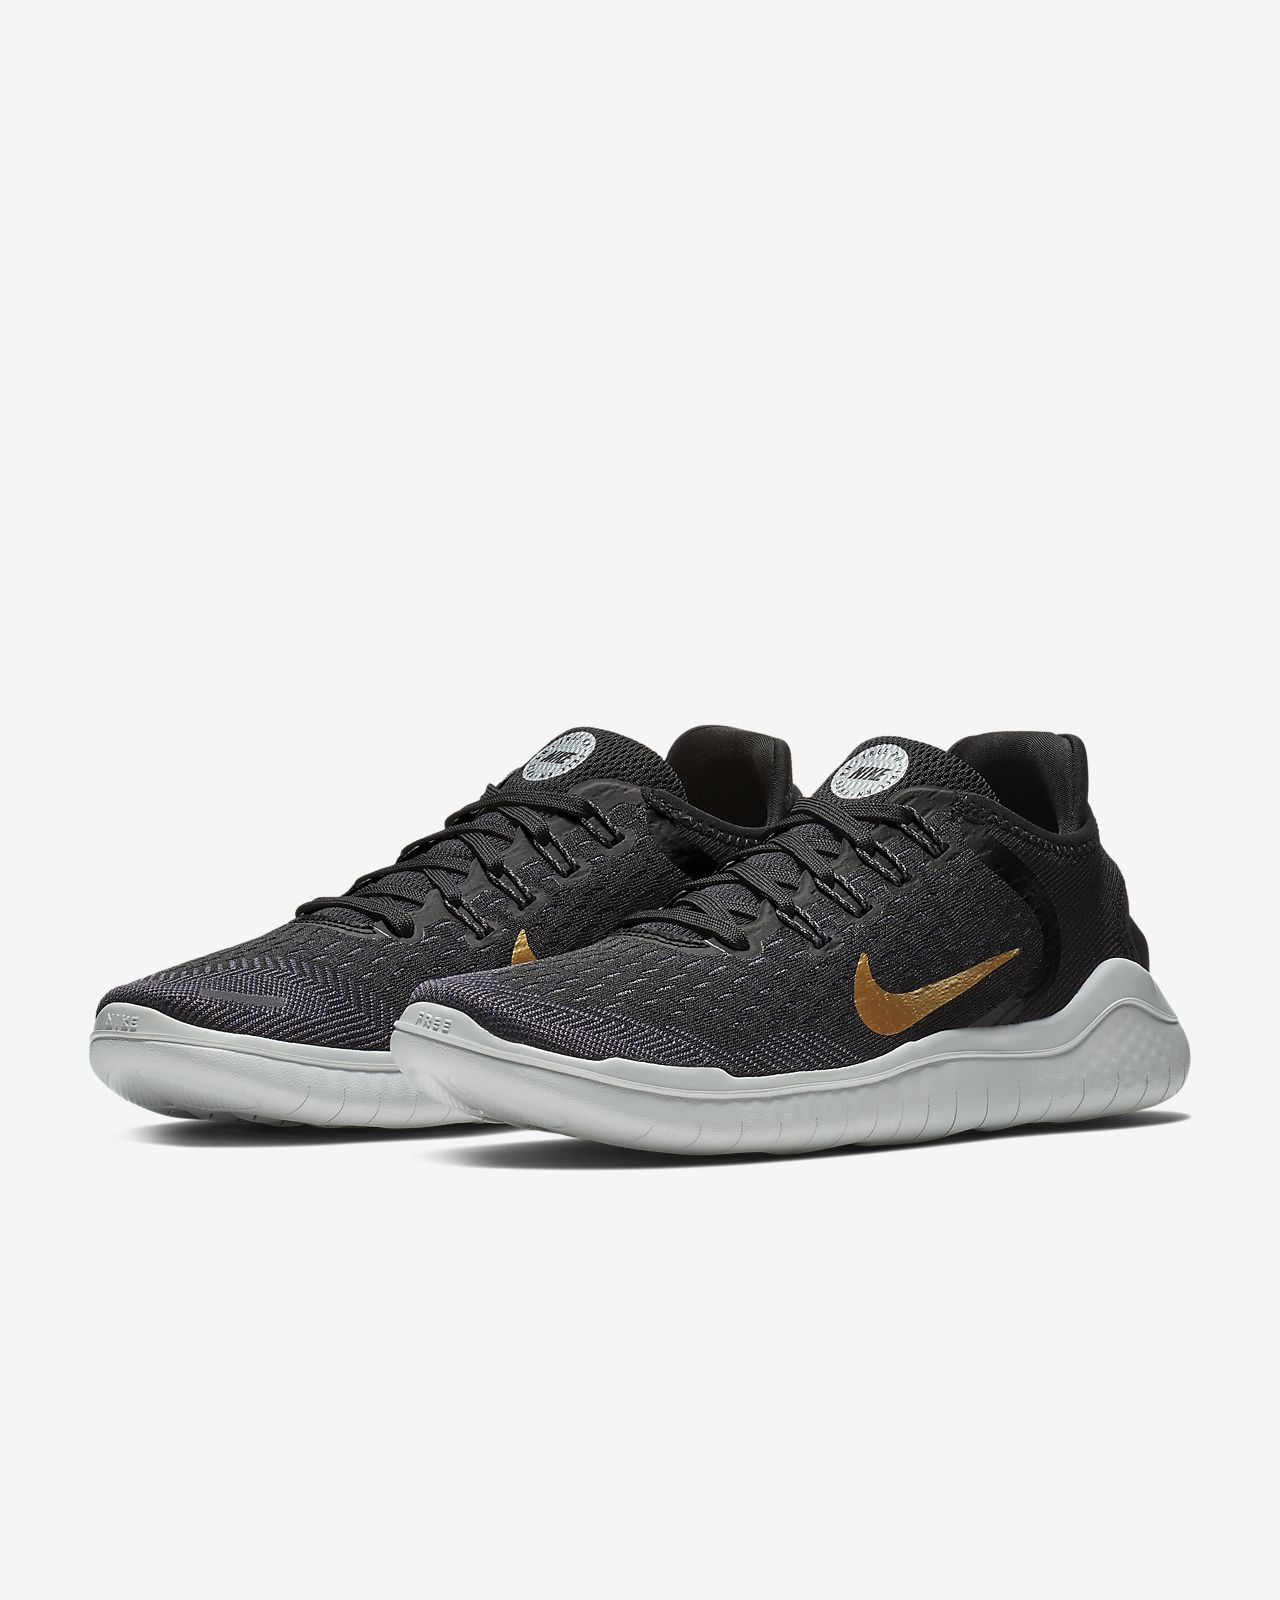 5cdcf45873d5d Nike Free RN 2018 Women s Running Shoe. Nike.com